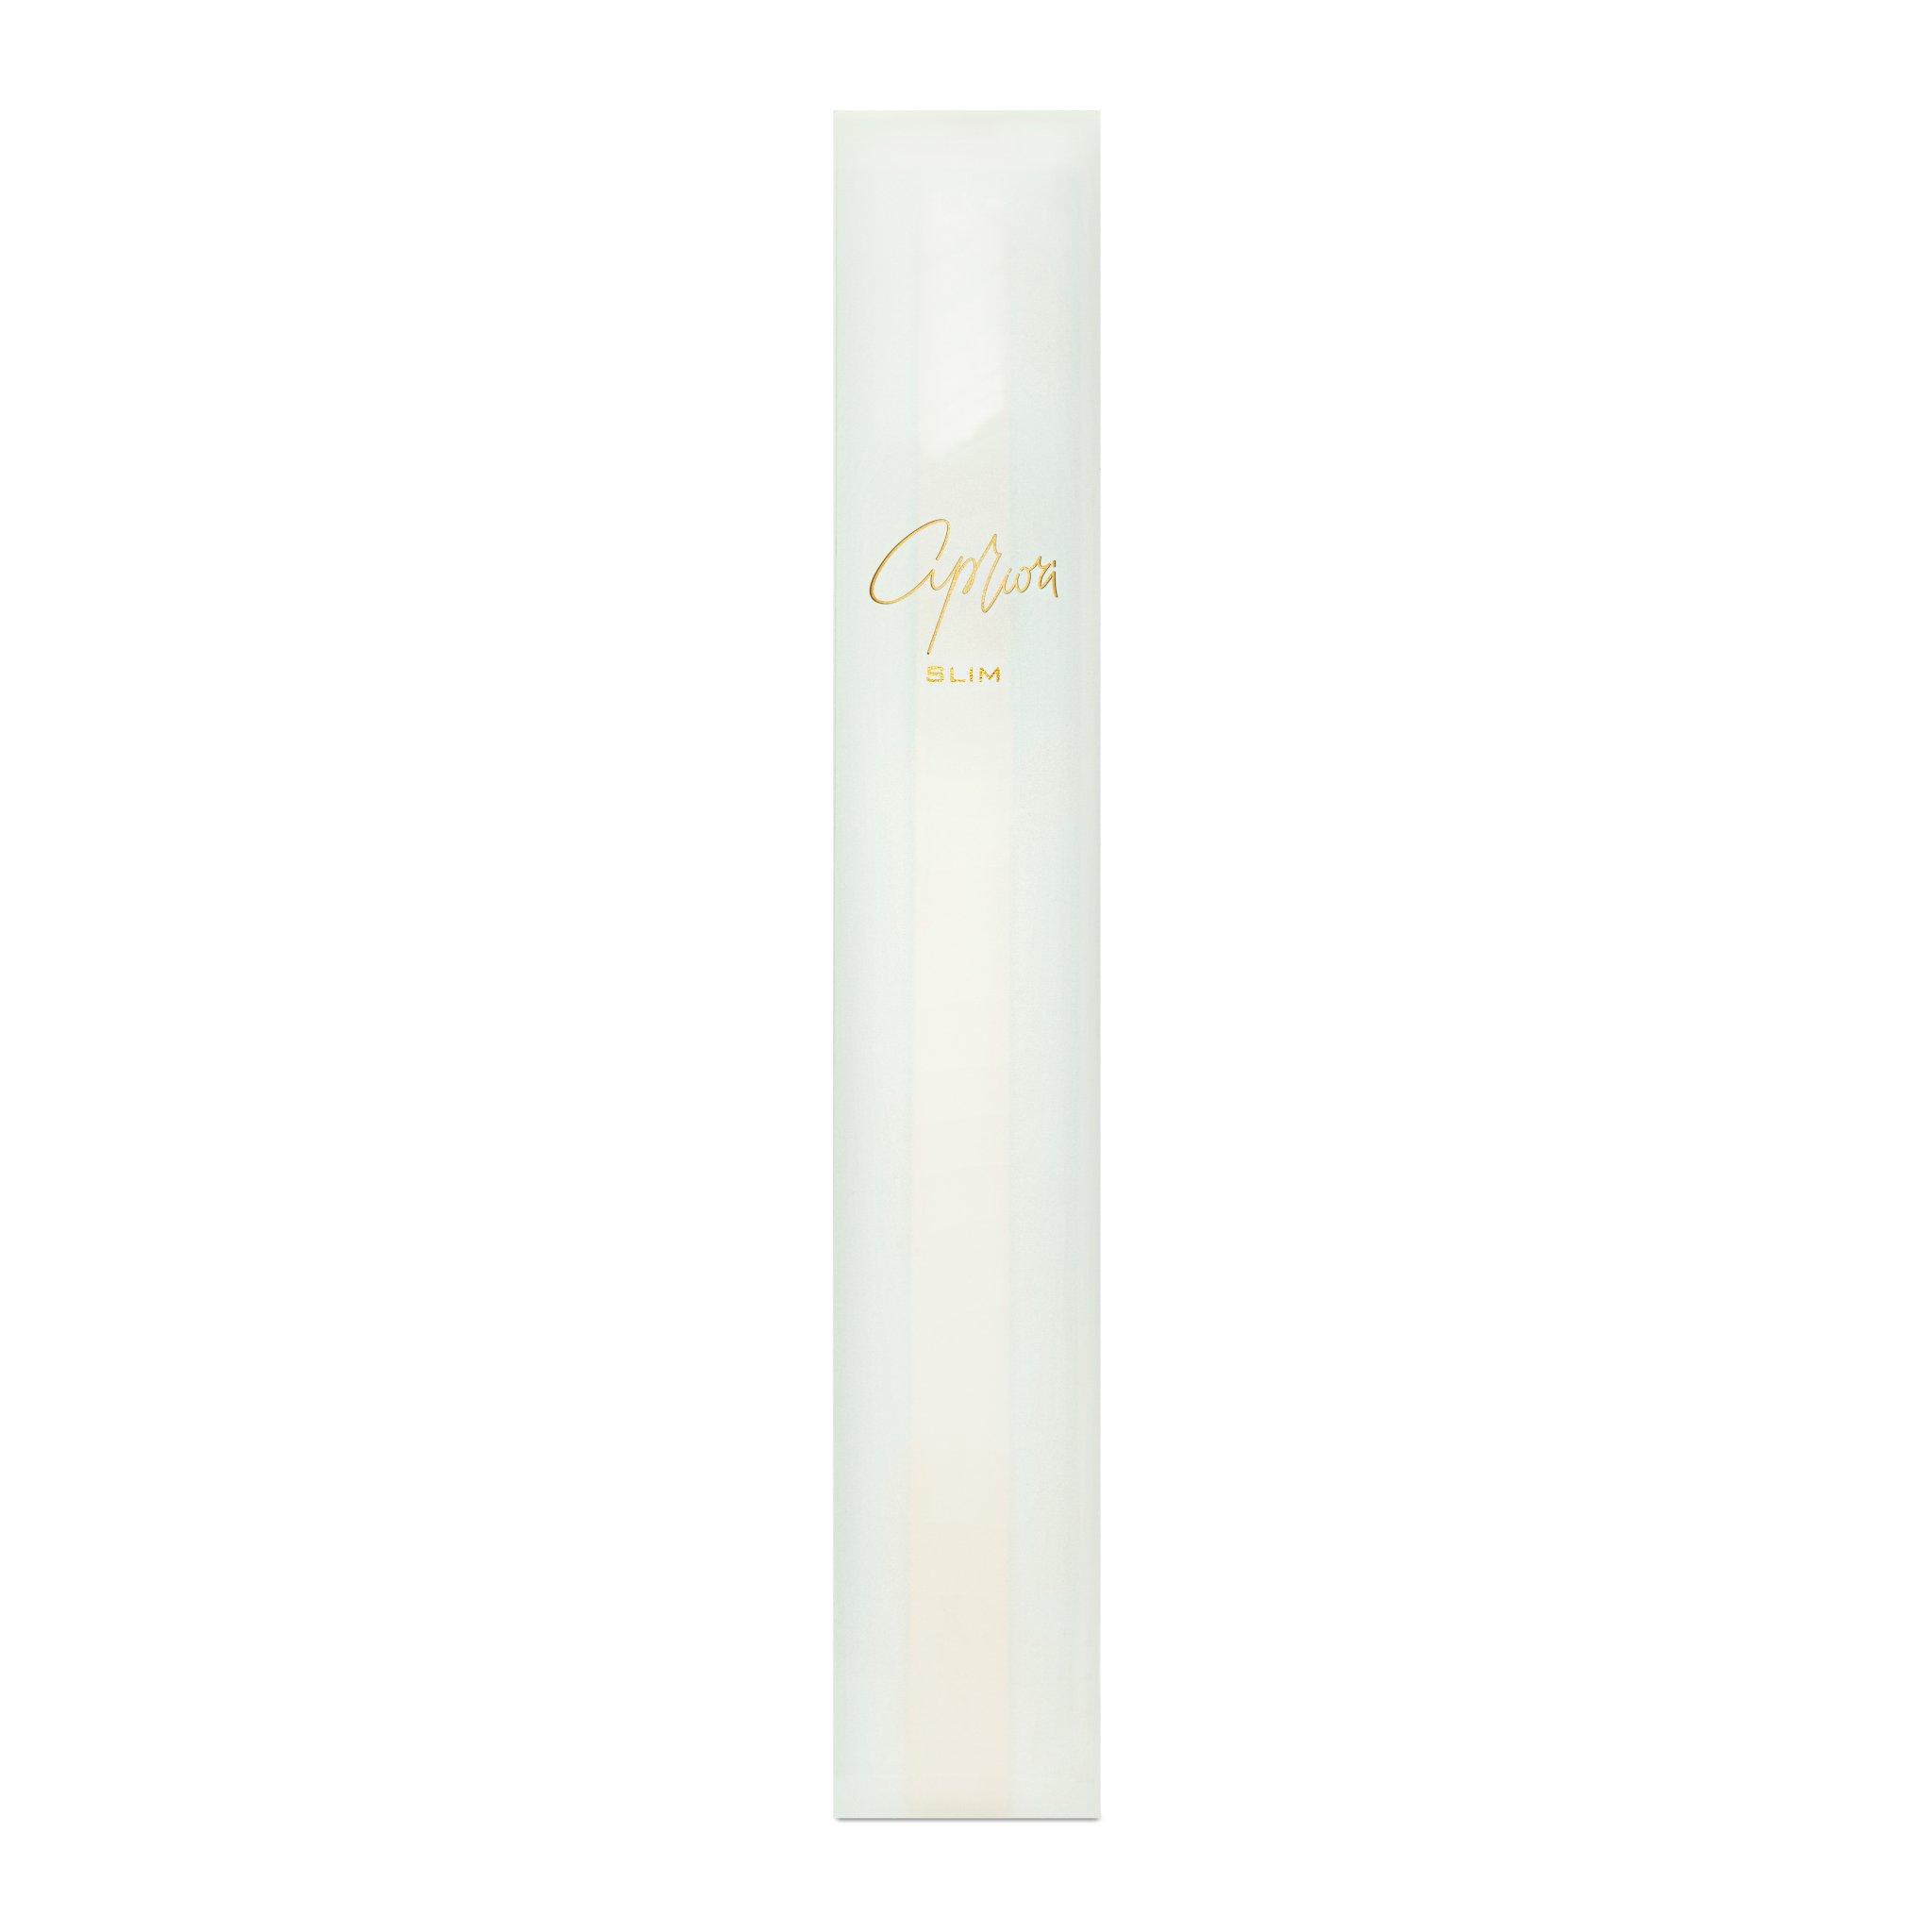 Дизайнерская белая зубная щетка SLIM by Apriori с золотом в упаковке